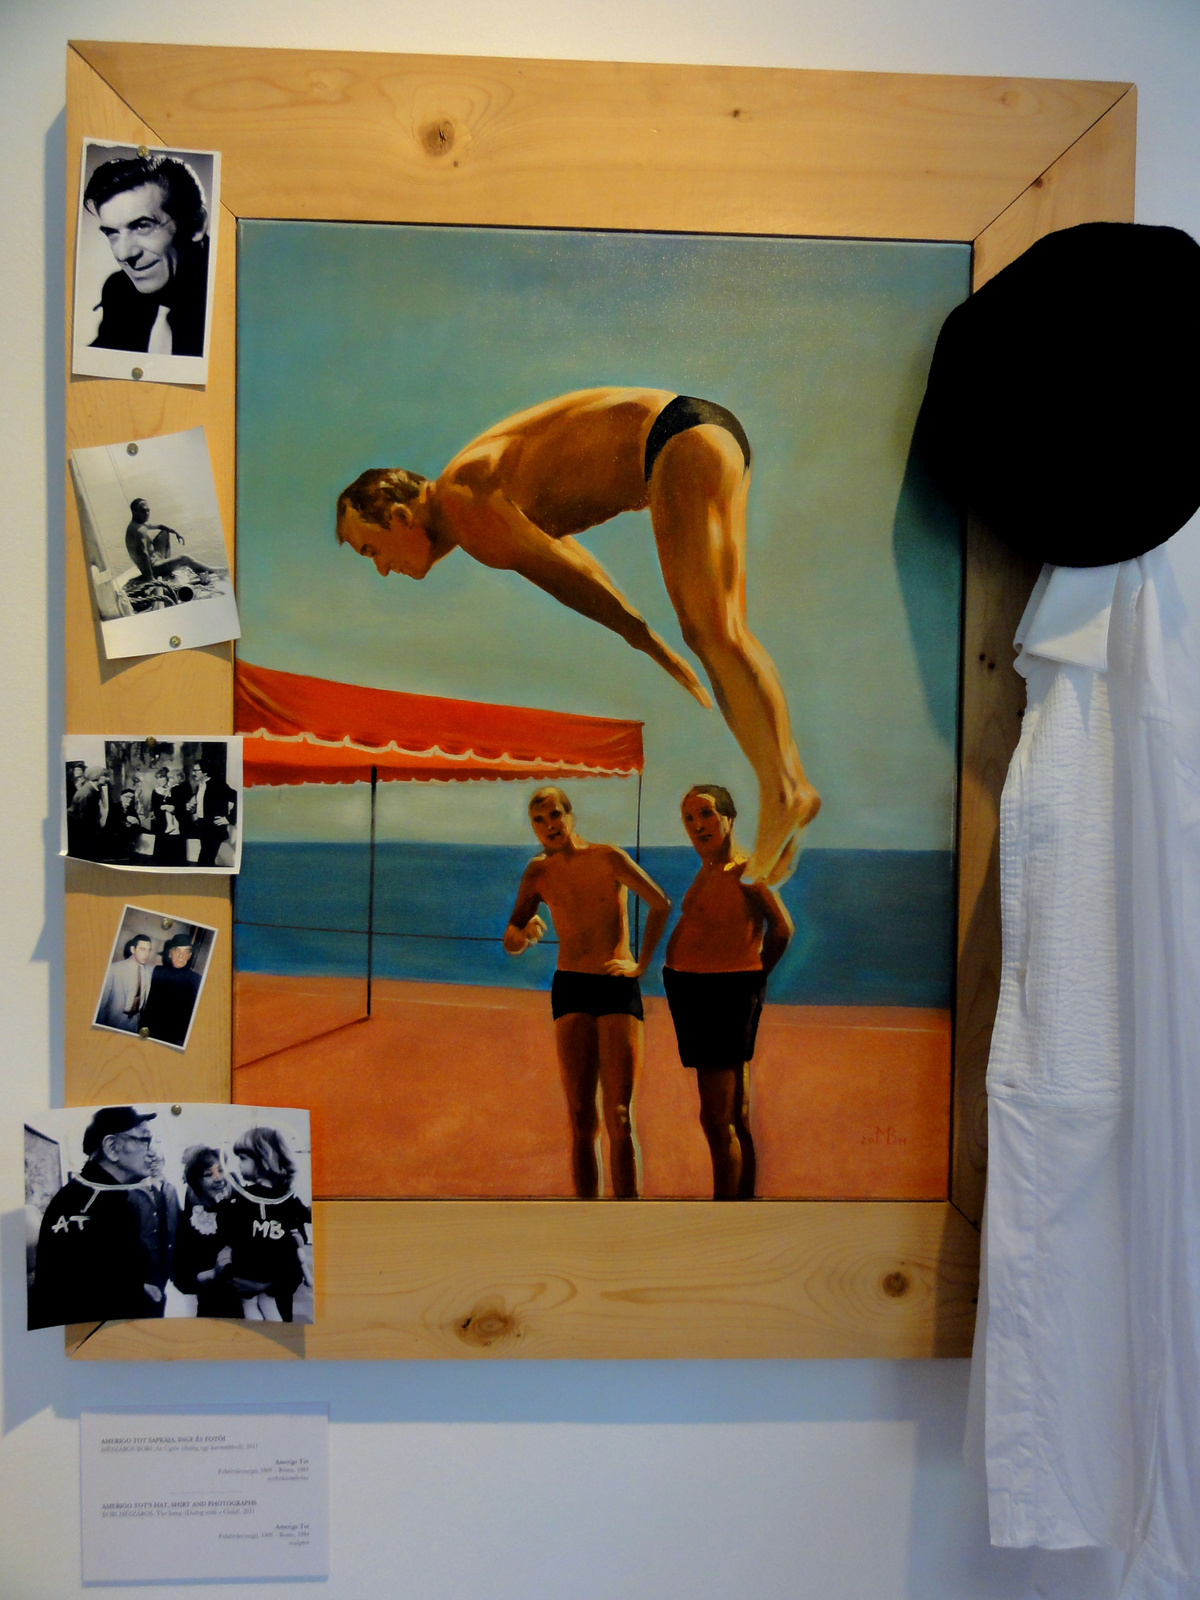 Amerigo Tot sapkája, inge és fotói. Mészáros Bori: Az ugrás